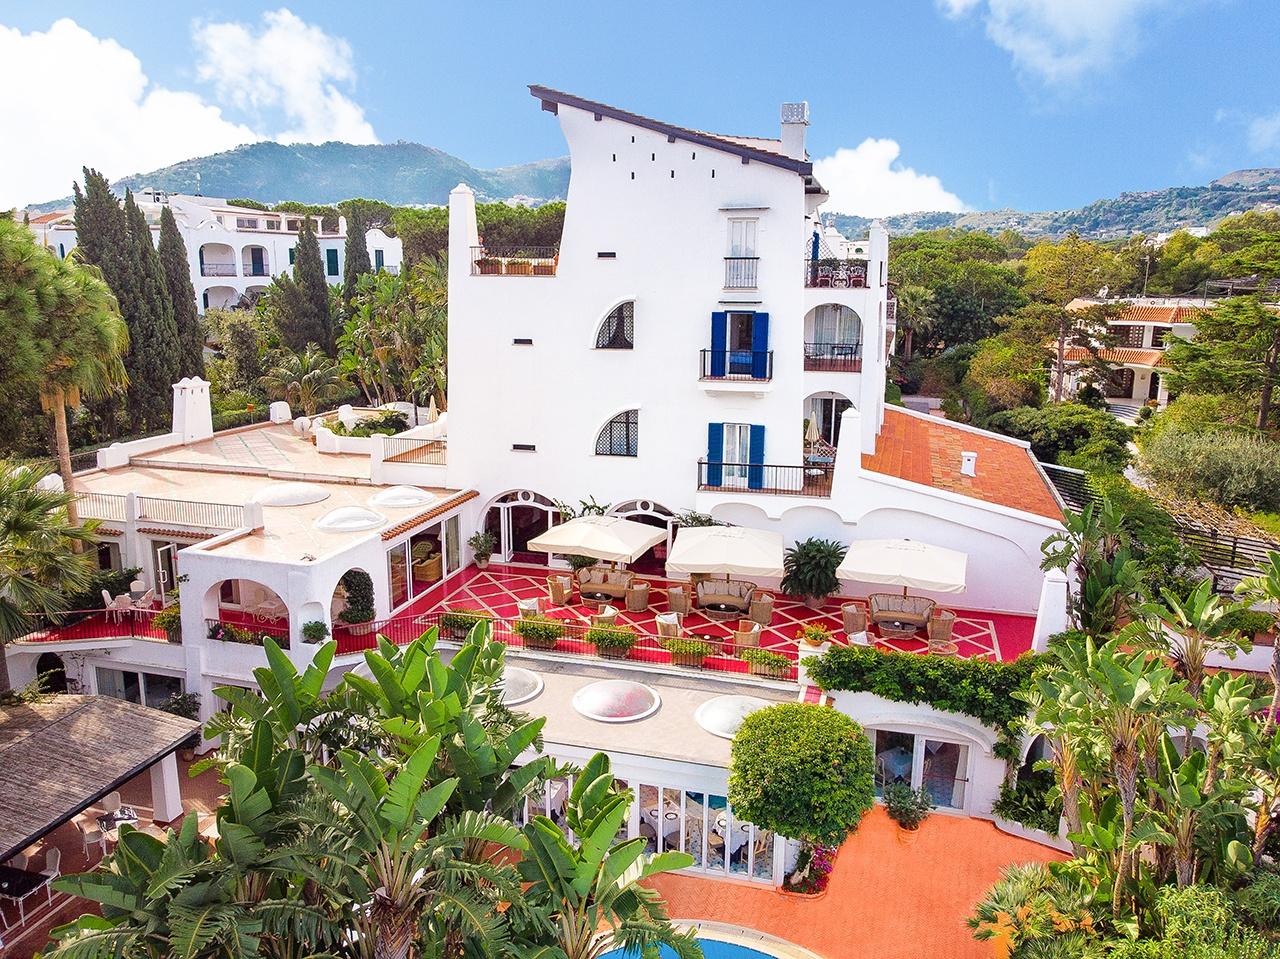 Vista aerea Il Moresco Hotel & Spa Ischia